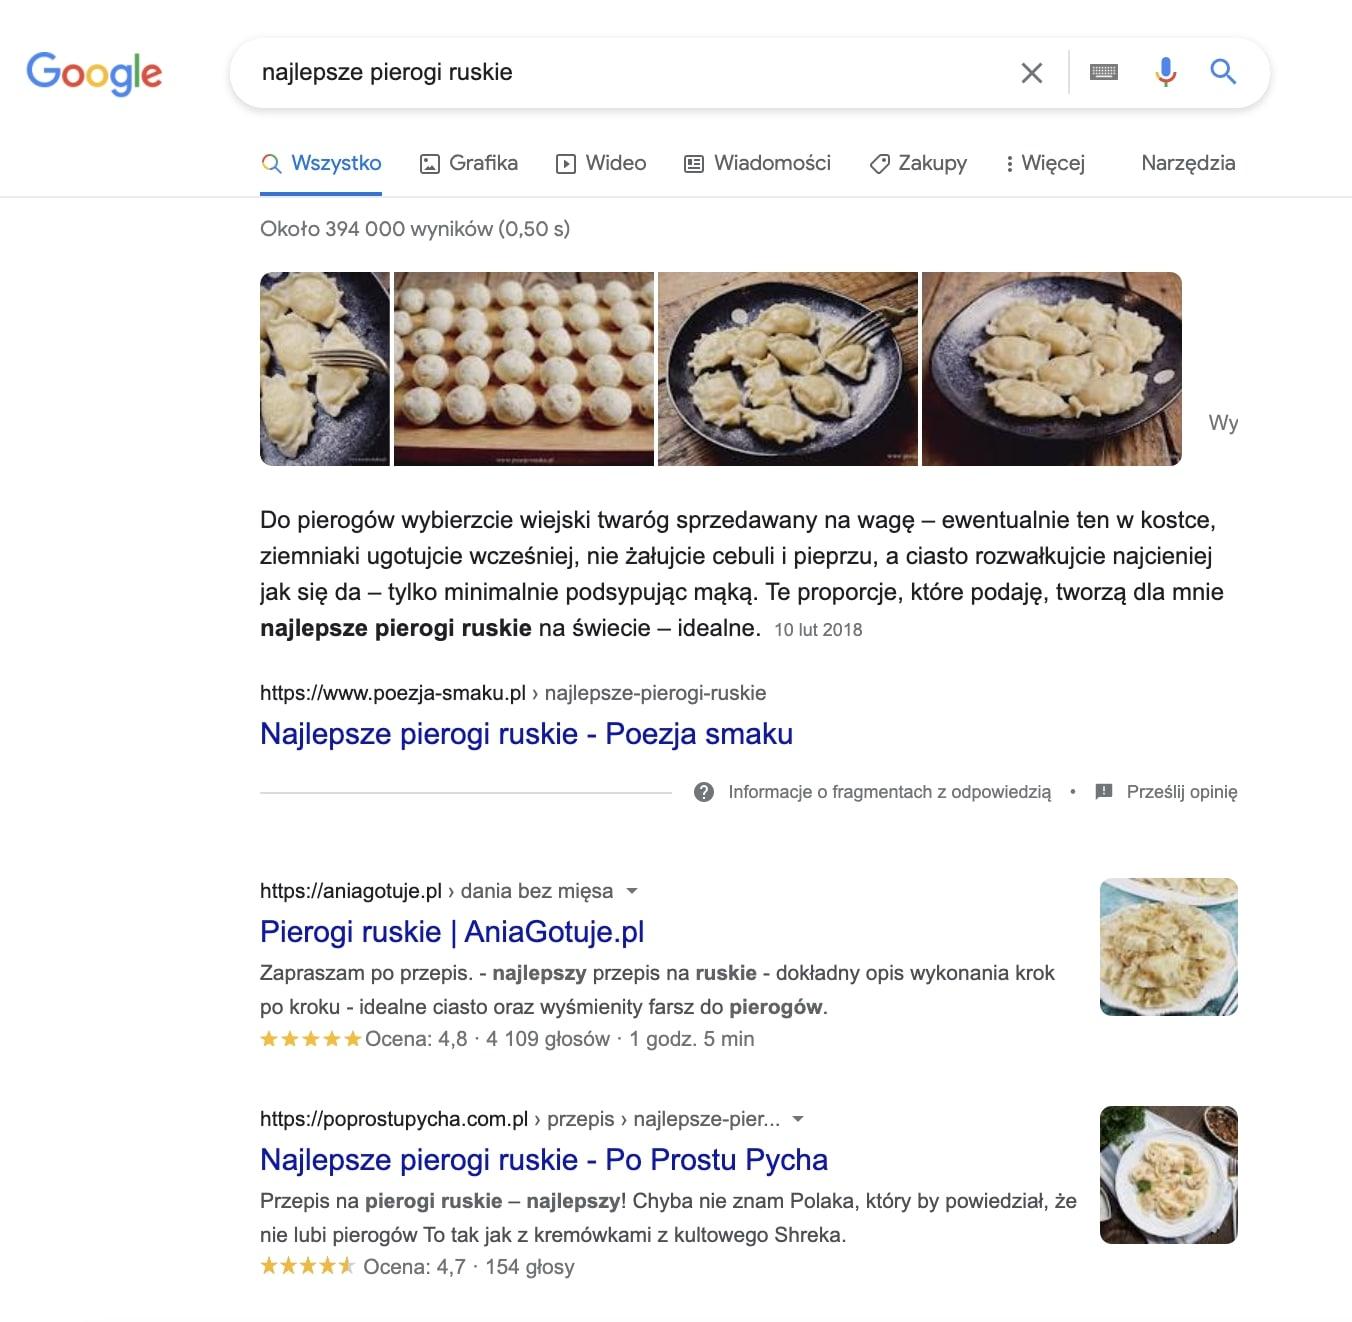 analiza słów kluczowych - wynik wyszukiwania Google